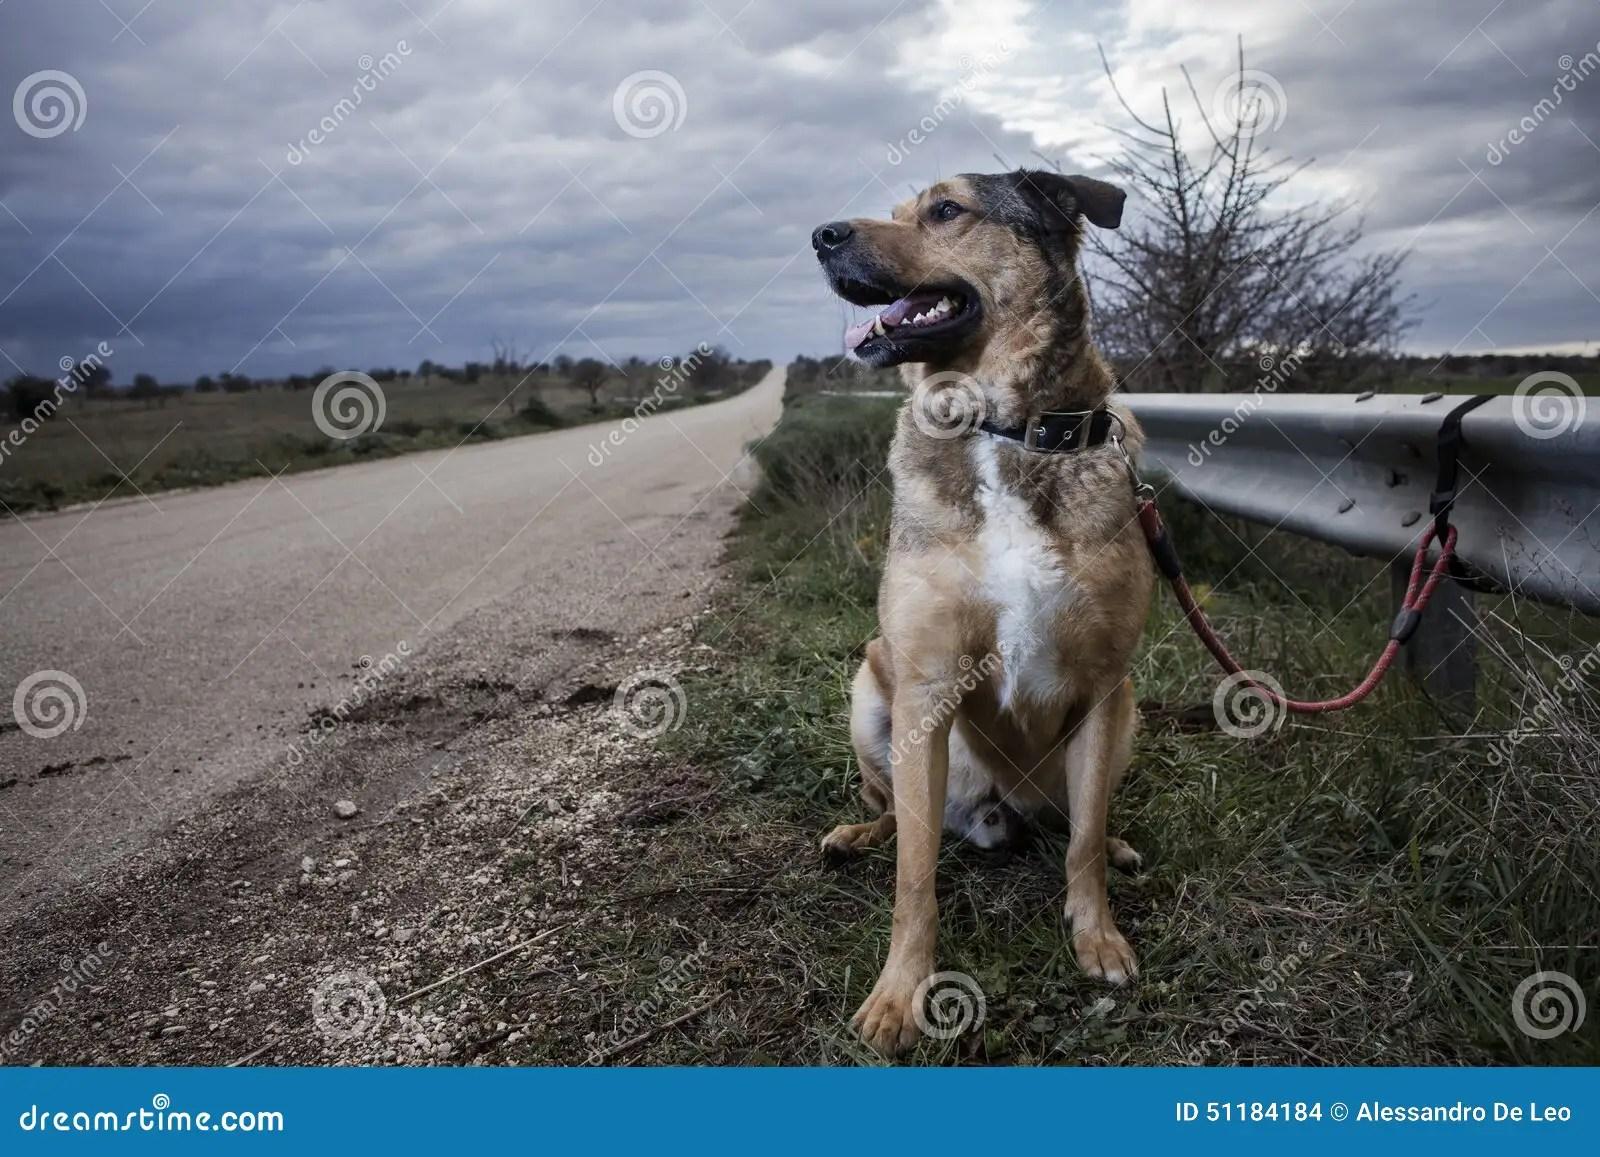 Abandoned Dog Stock Photo Image 51184184